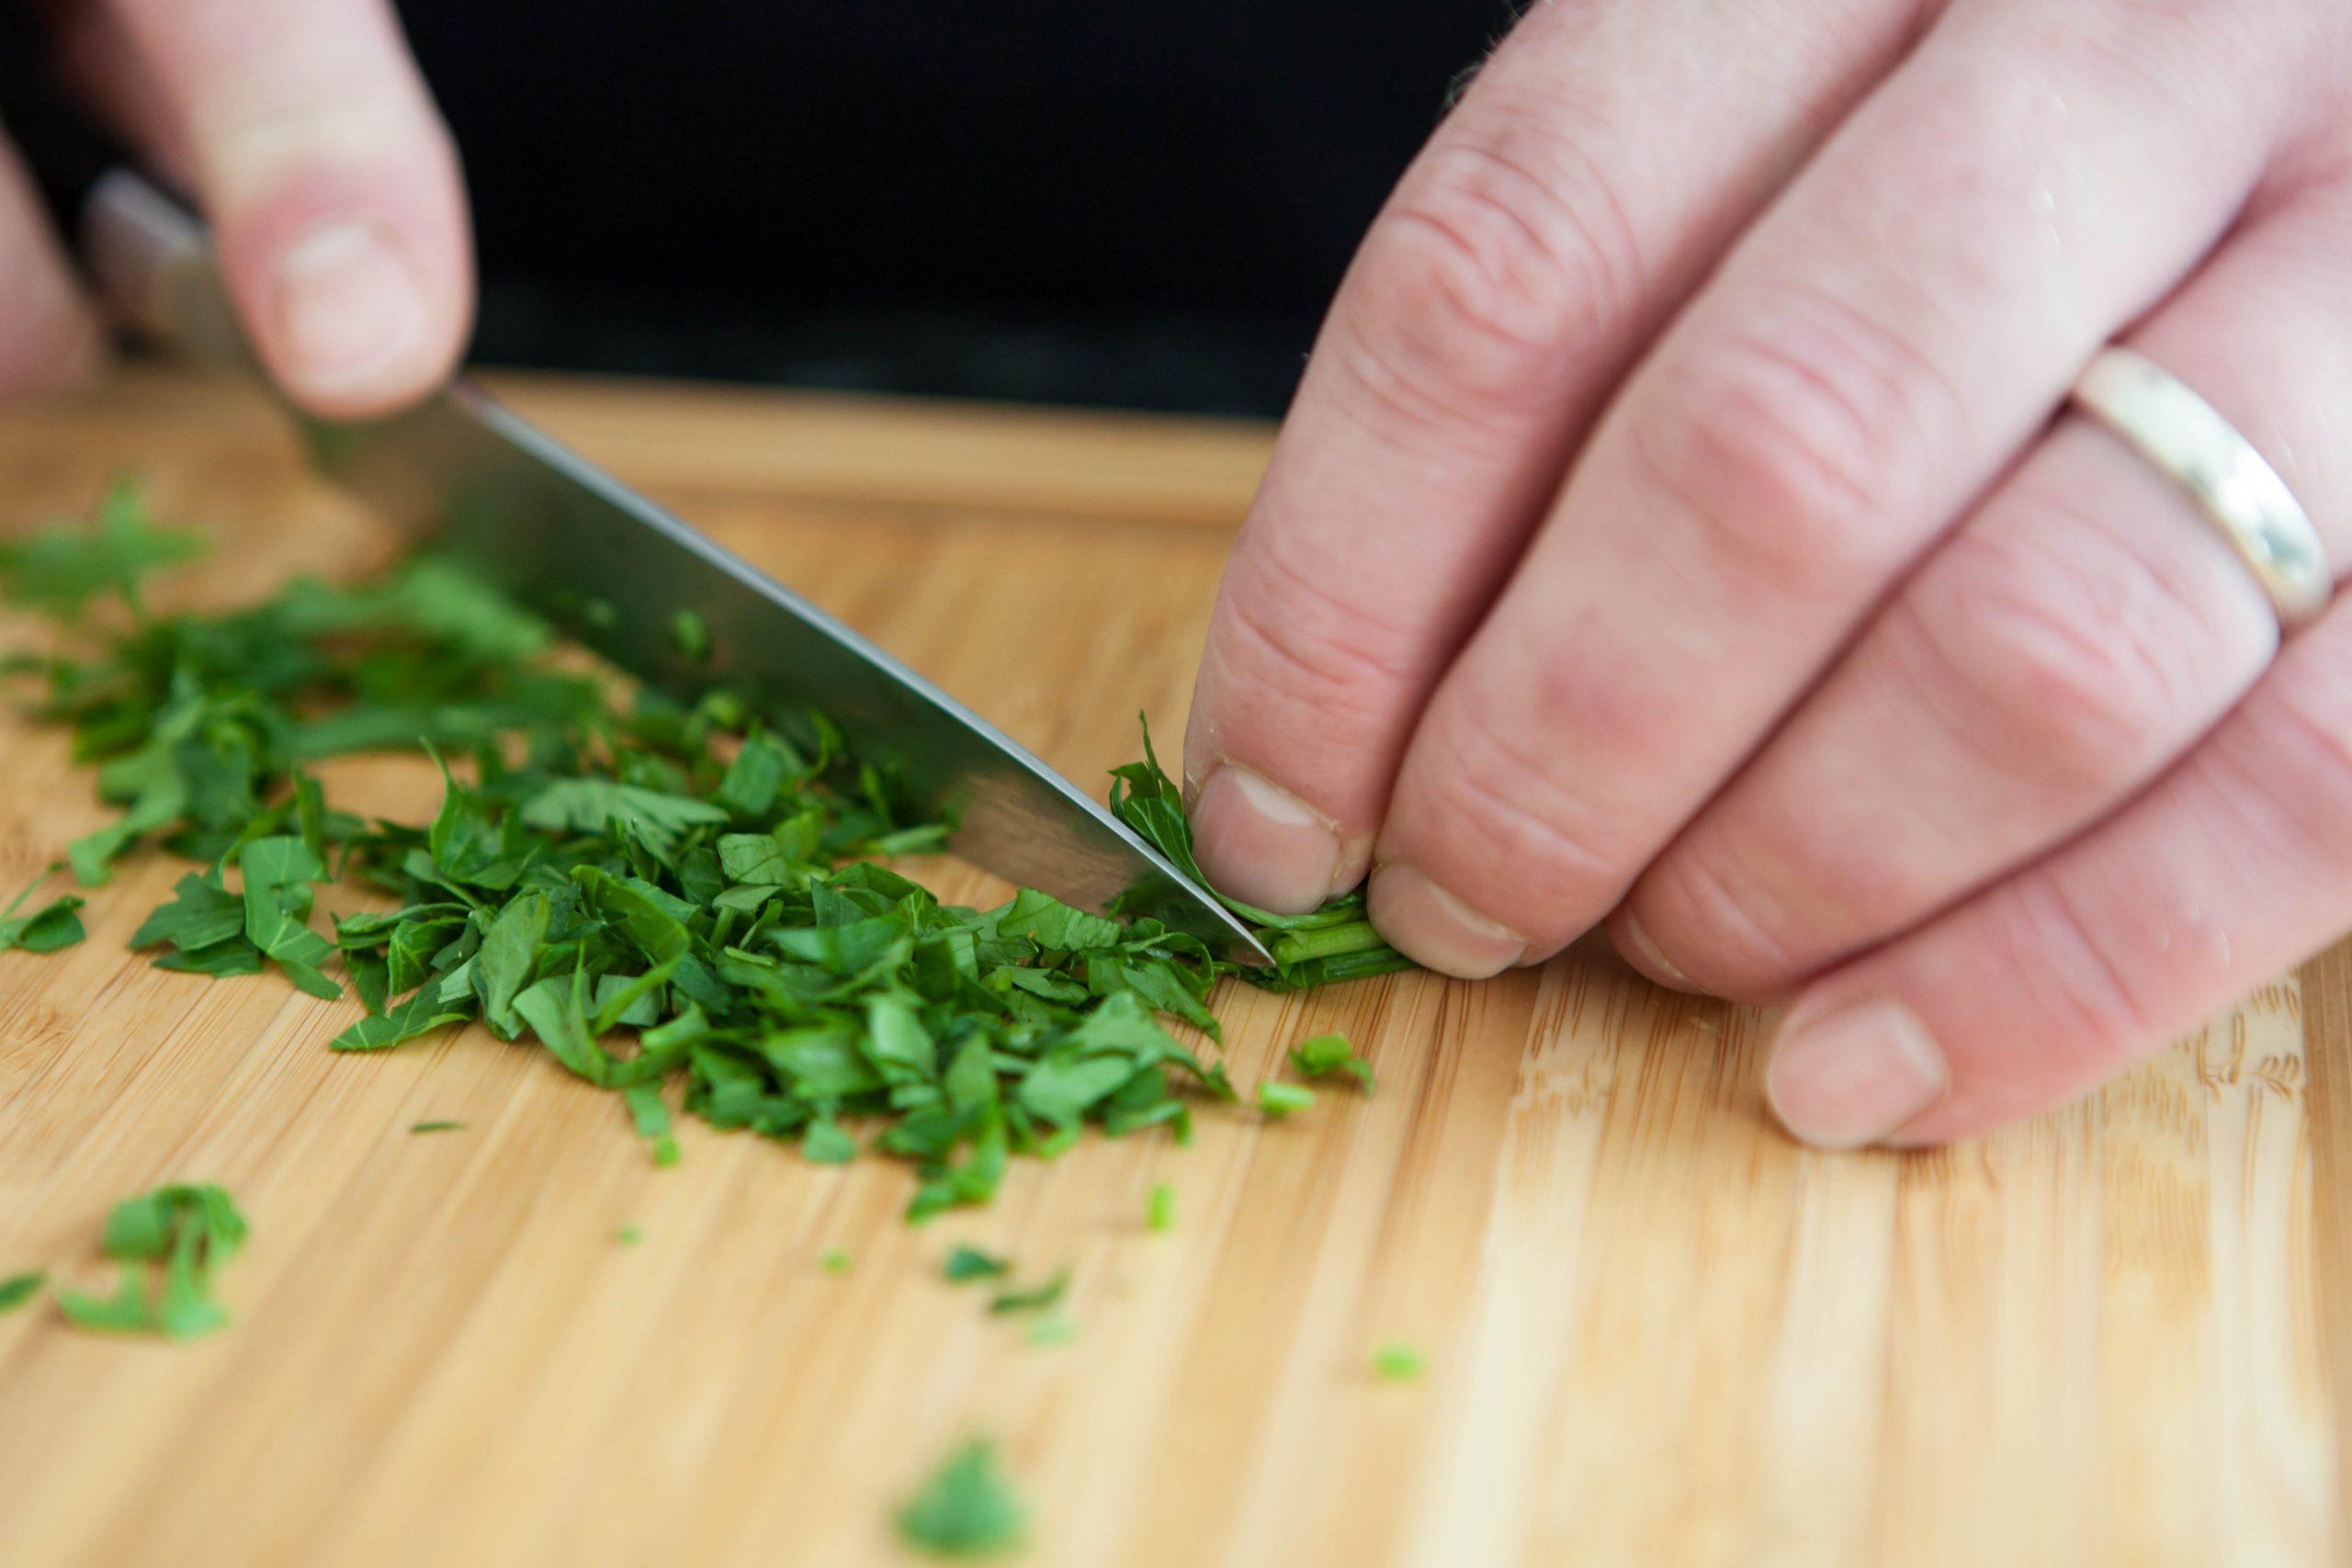 Imagen de alguien picando cilantro